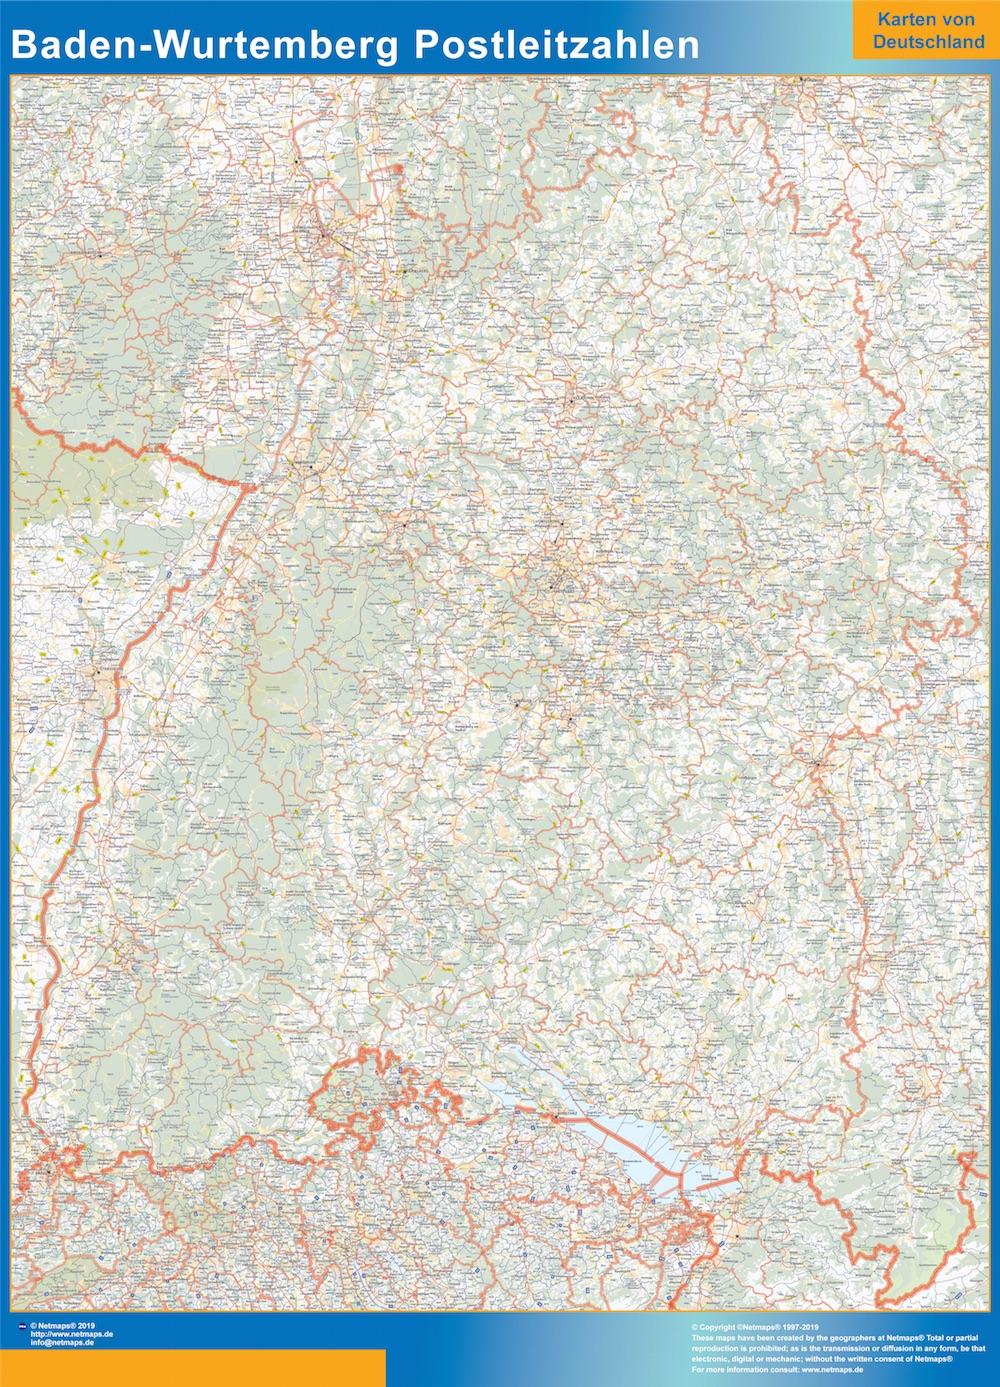 Baden-Wurtemberg Postleitzahlen